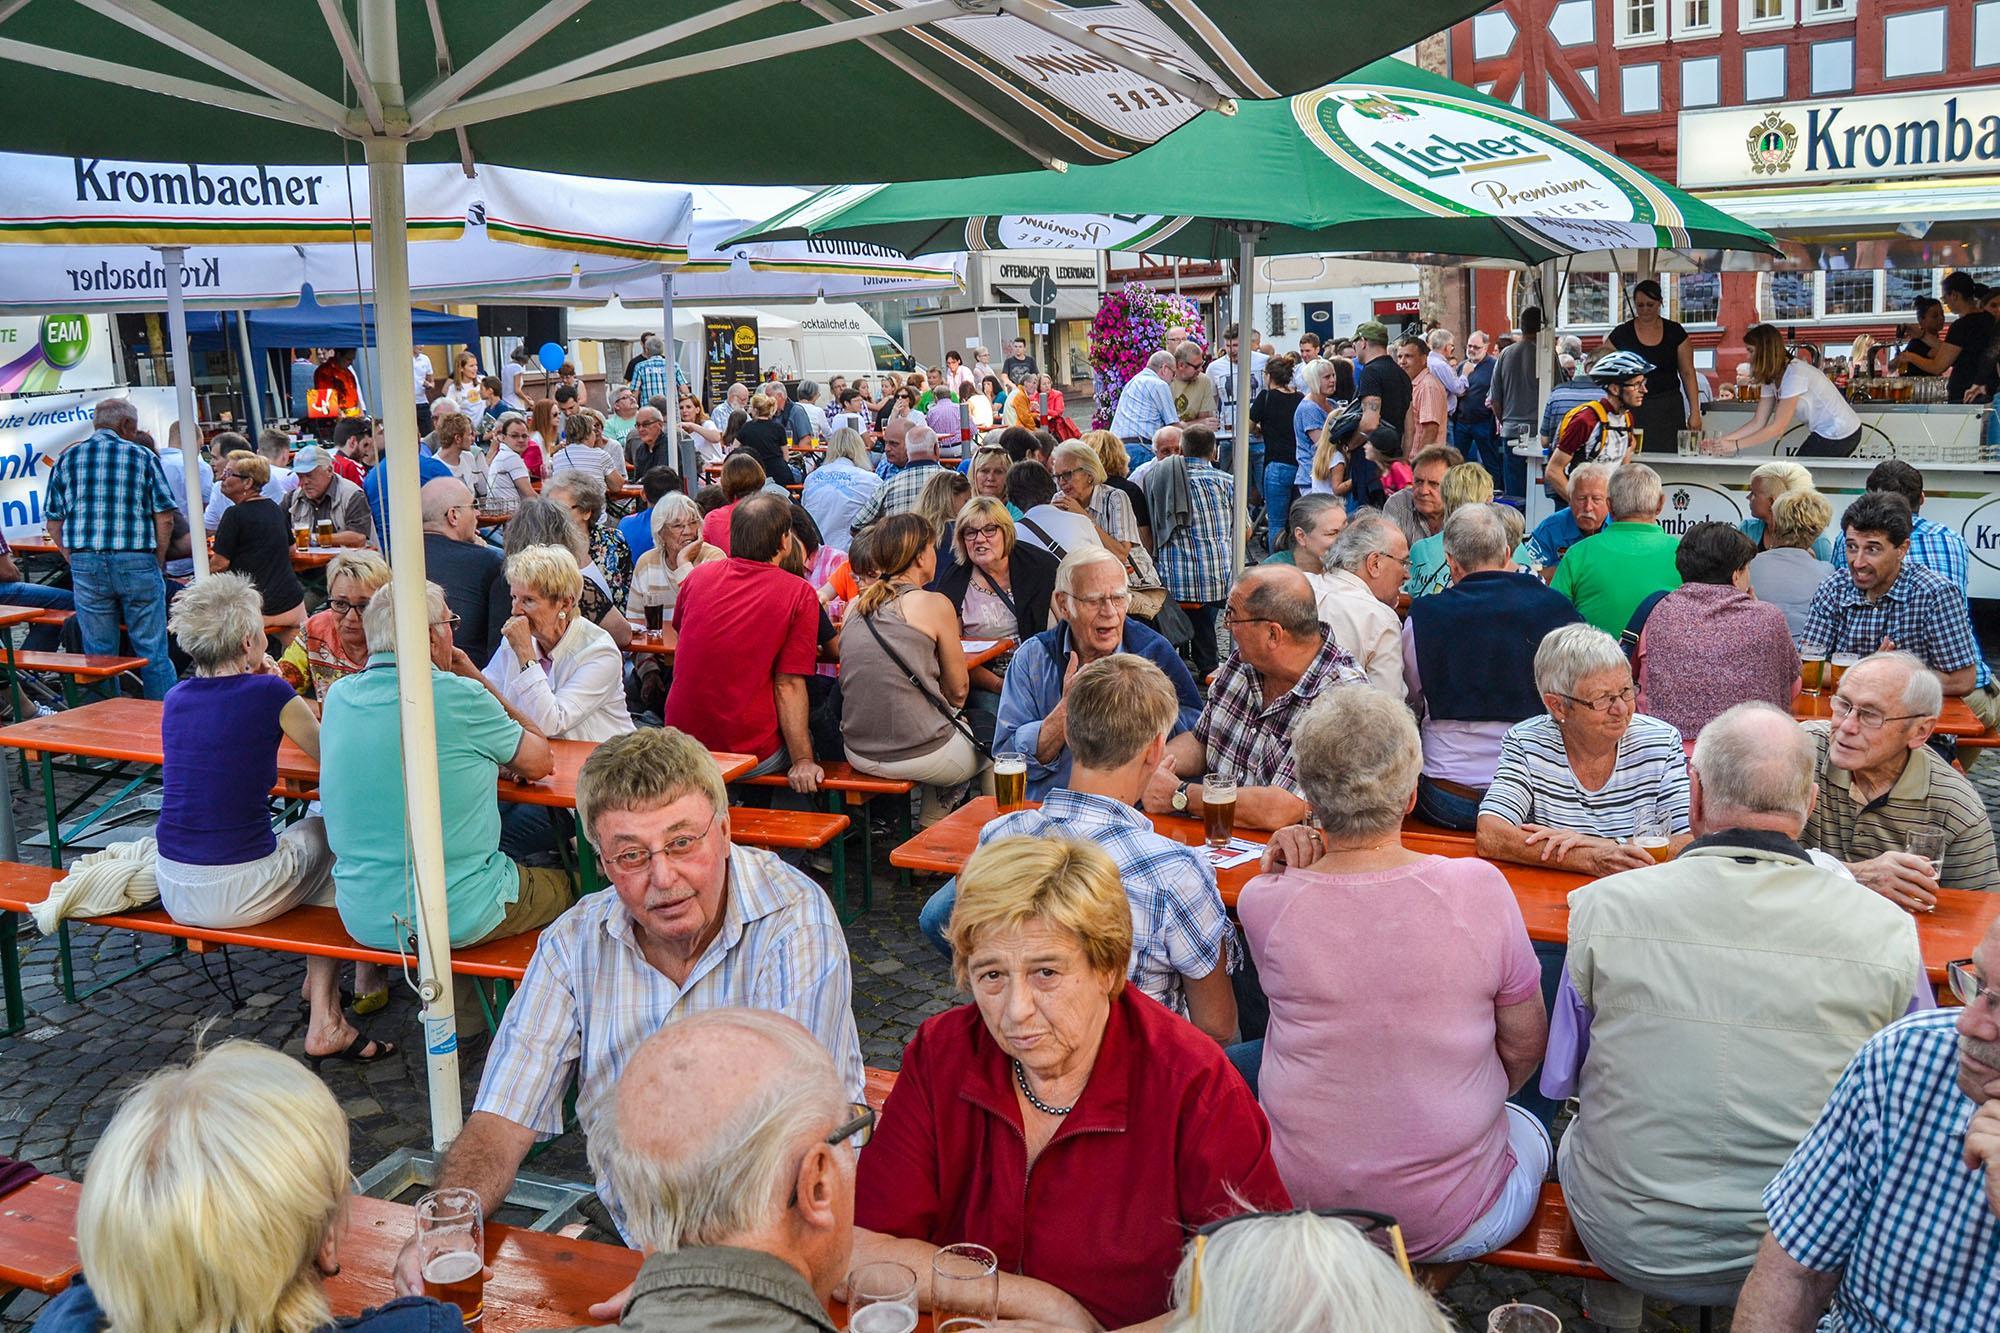 Voller Marktplatz und beste Stimmung. Das erhoffen sich die TSV-Handballer auch in diesem Jahr von ihrem Dämmerschoppen am 24. Juni.